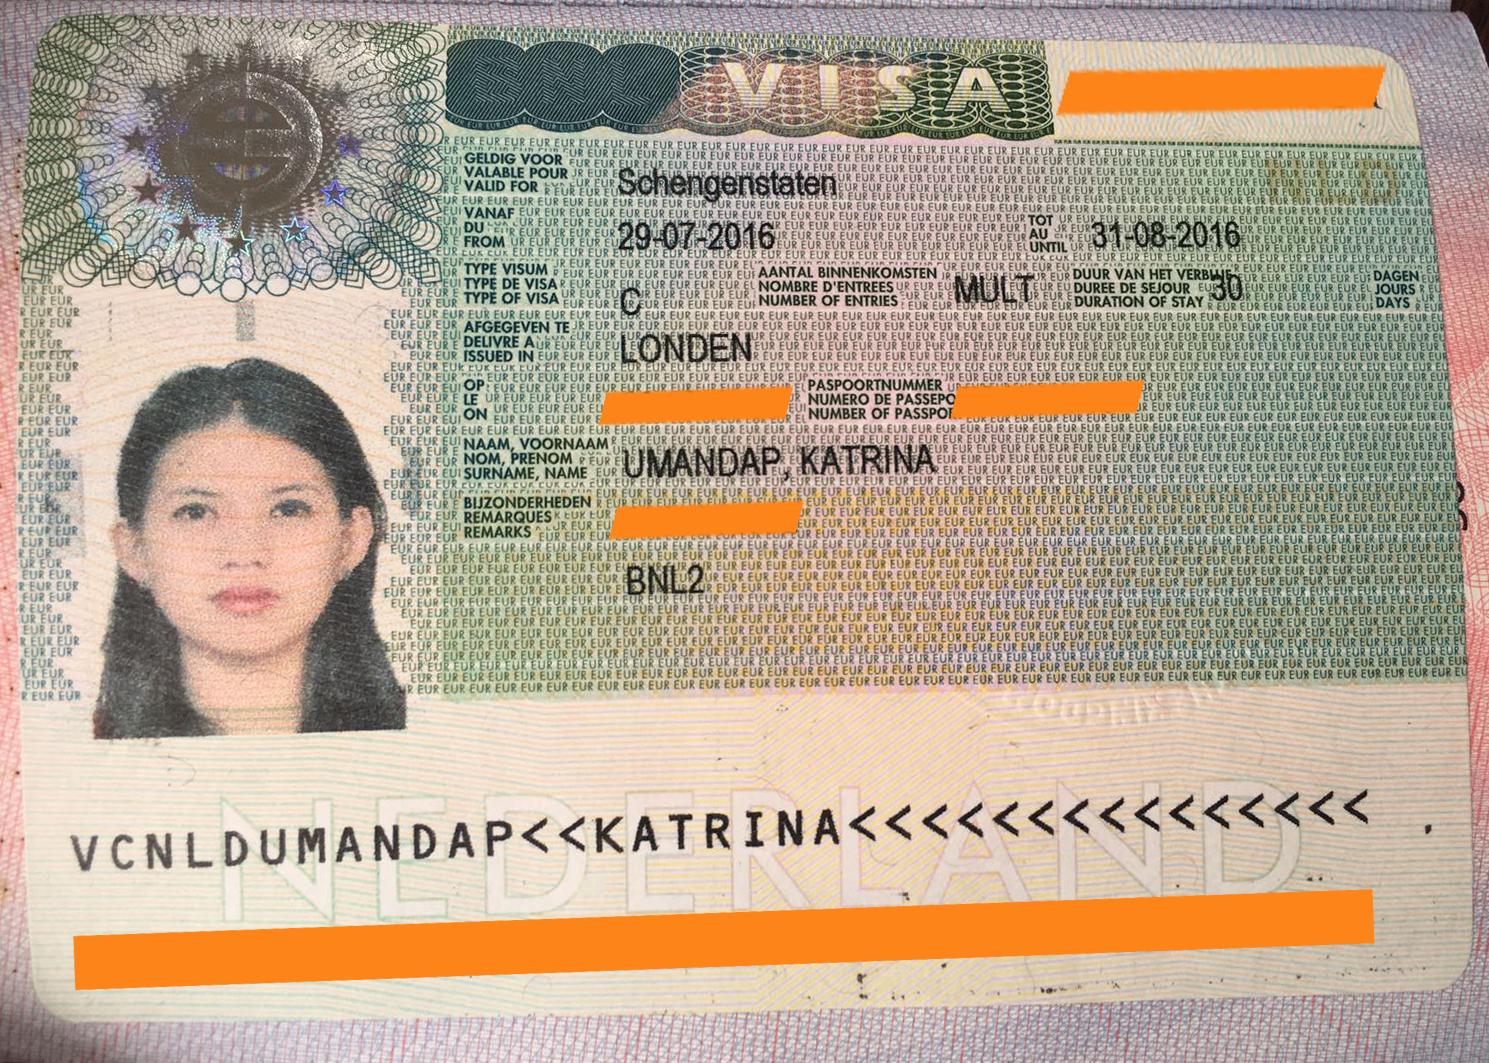 59342eeecb25e65910d3bb0e6a66f242 - Schengen National Visa Application Form